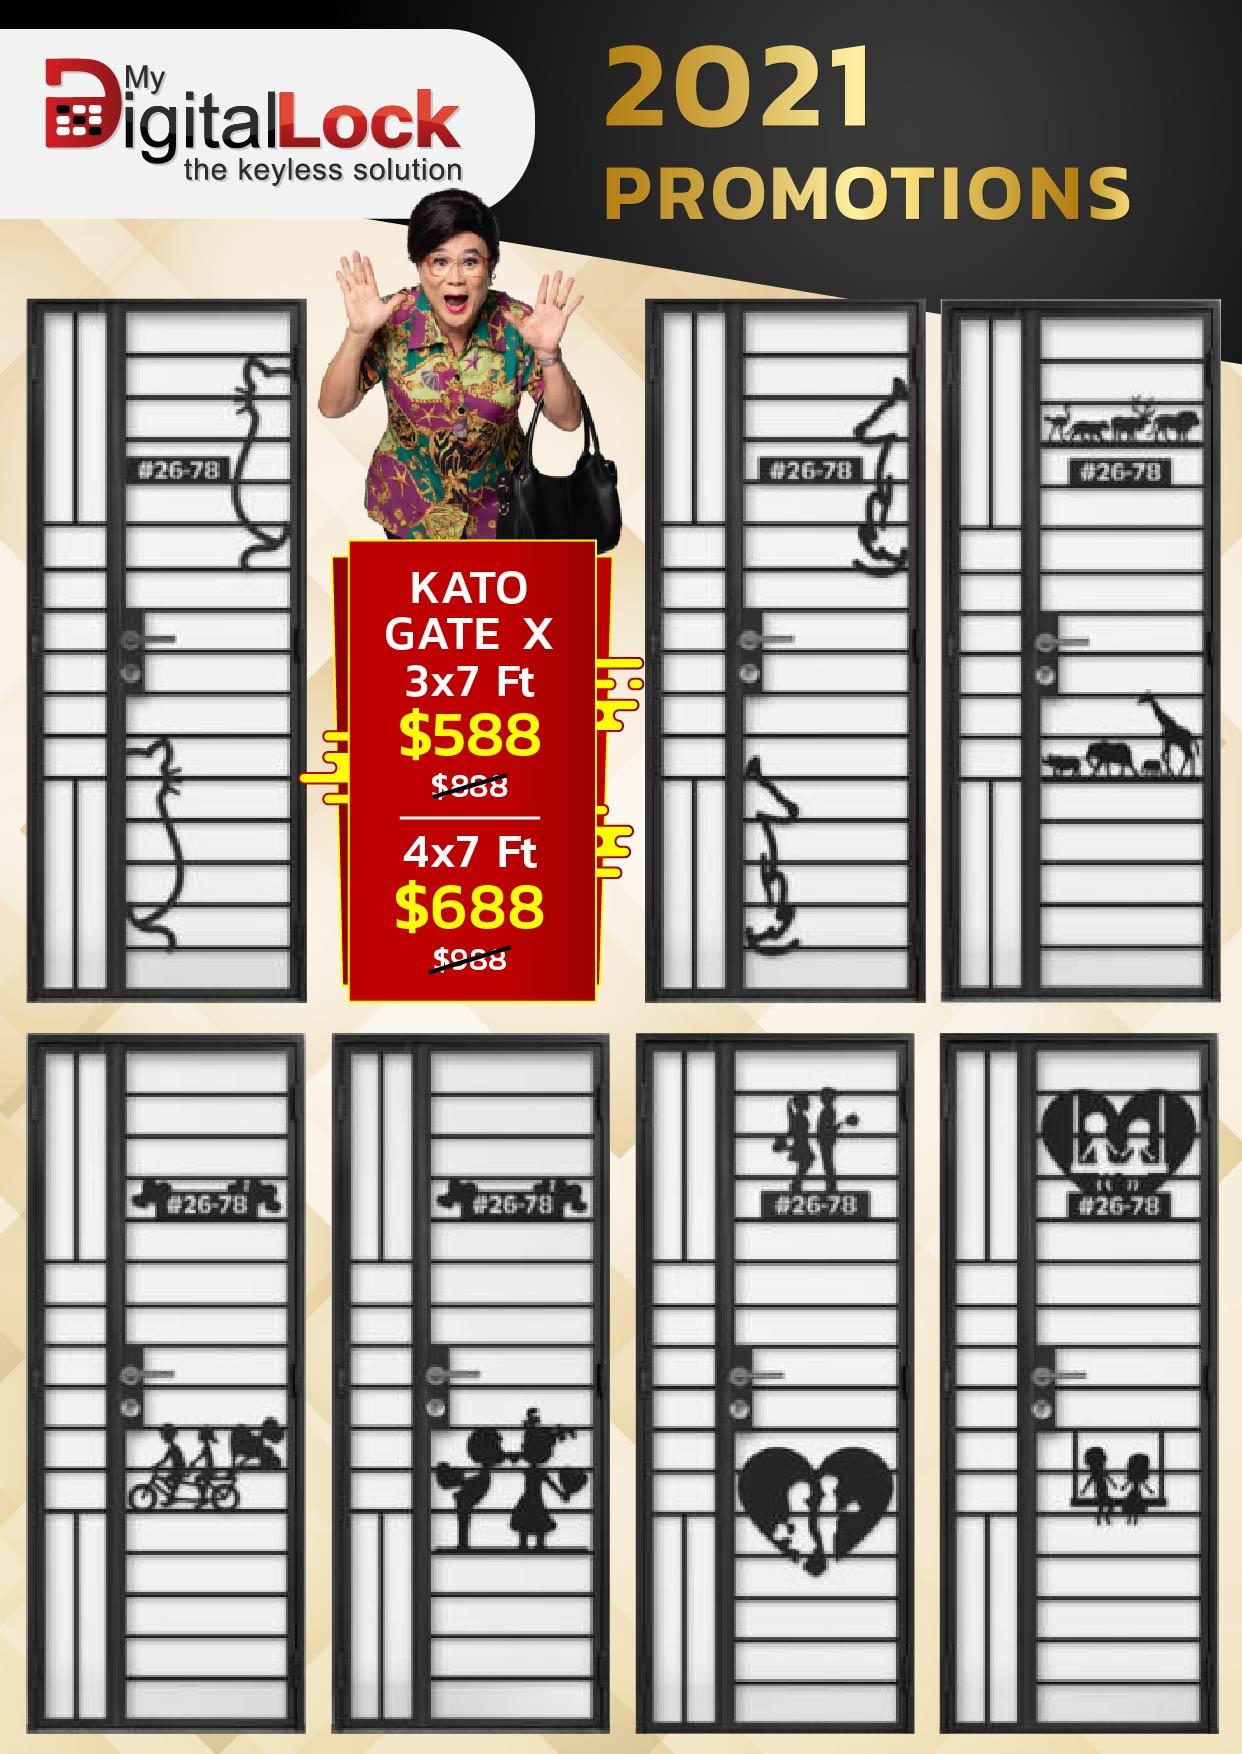 Kato Gate X